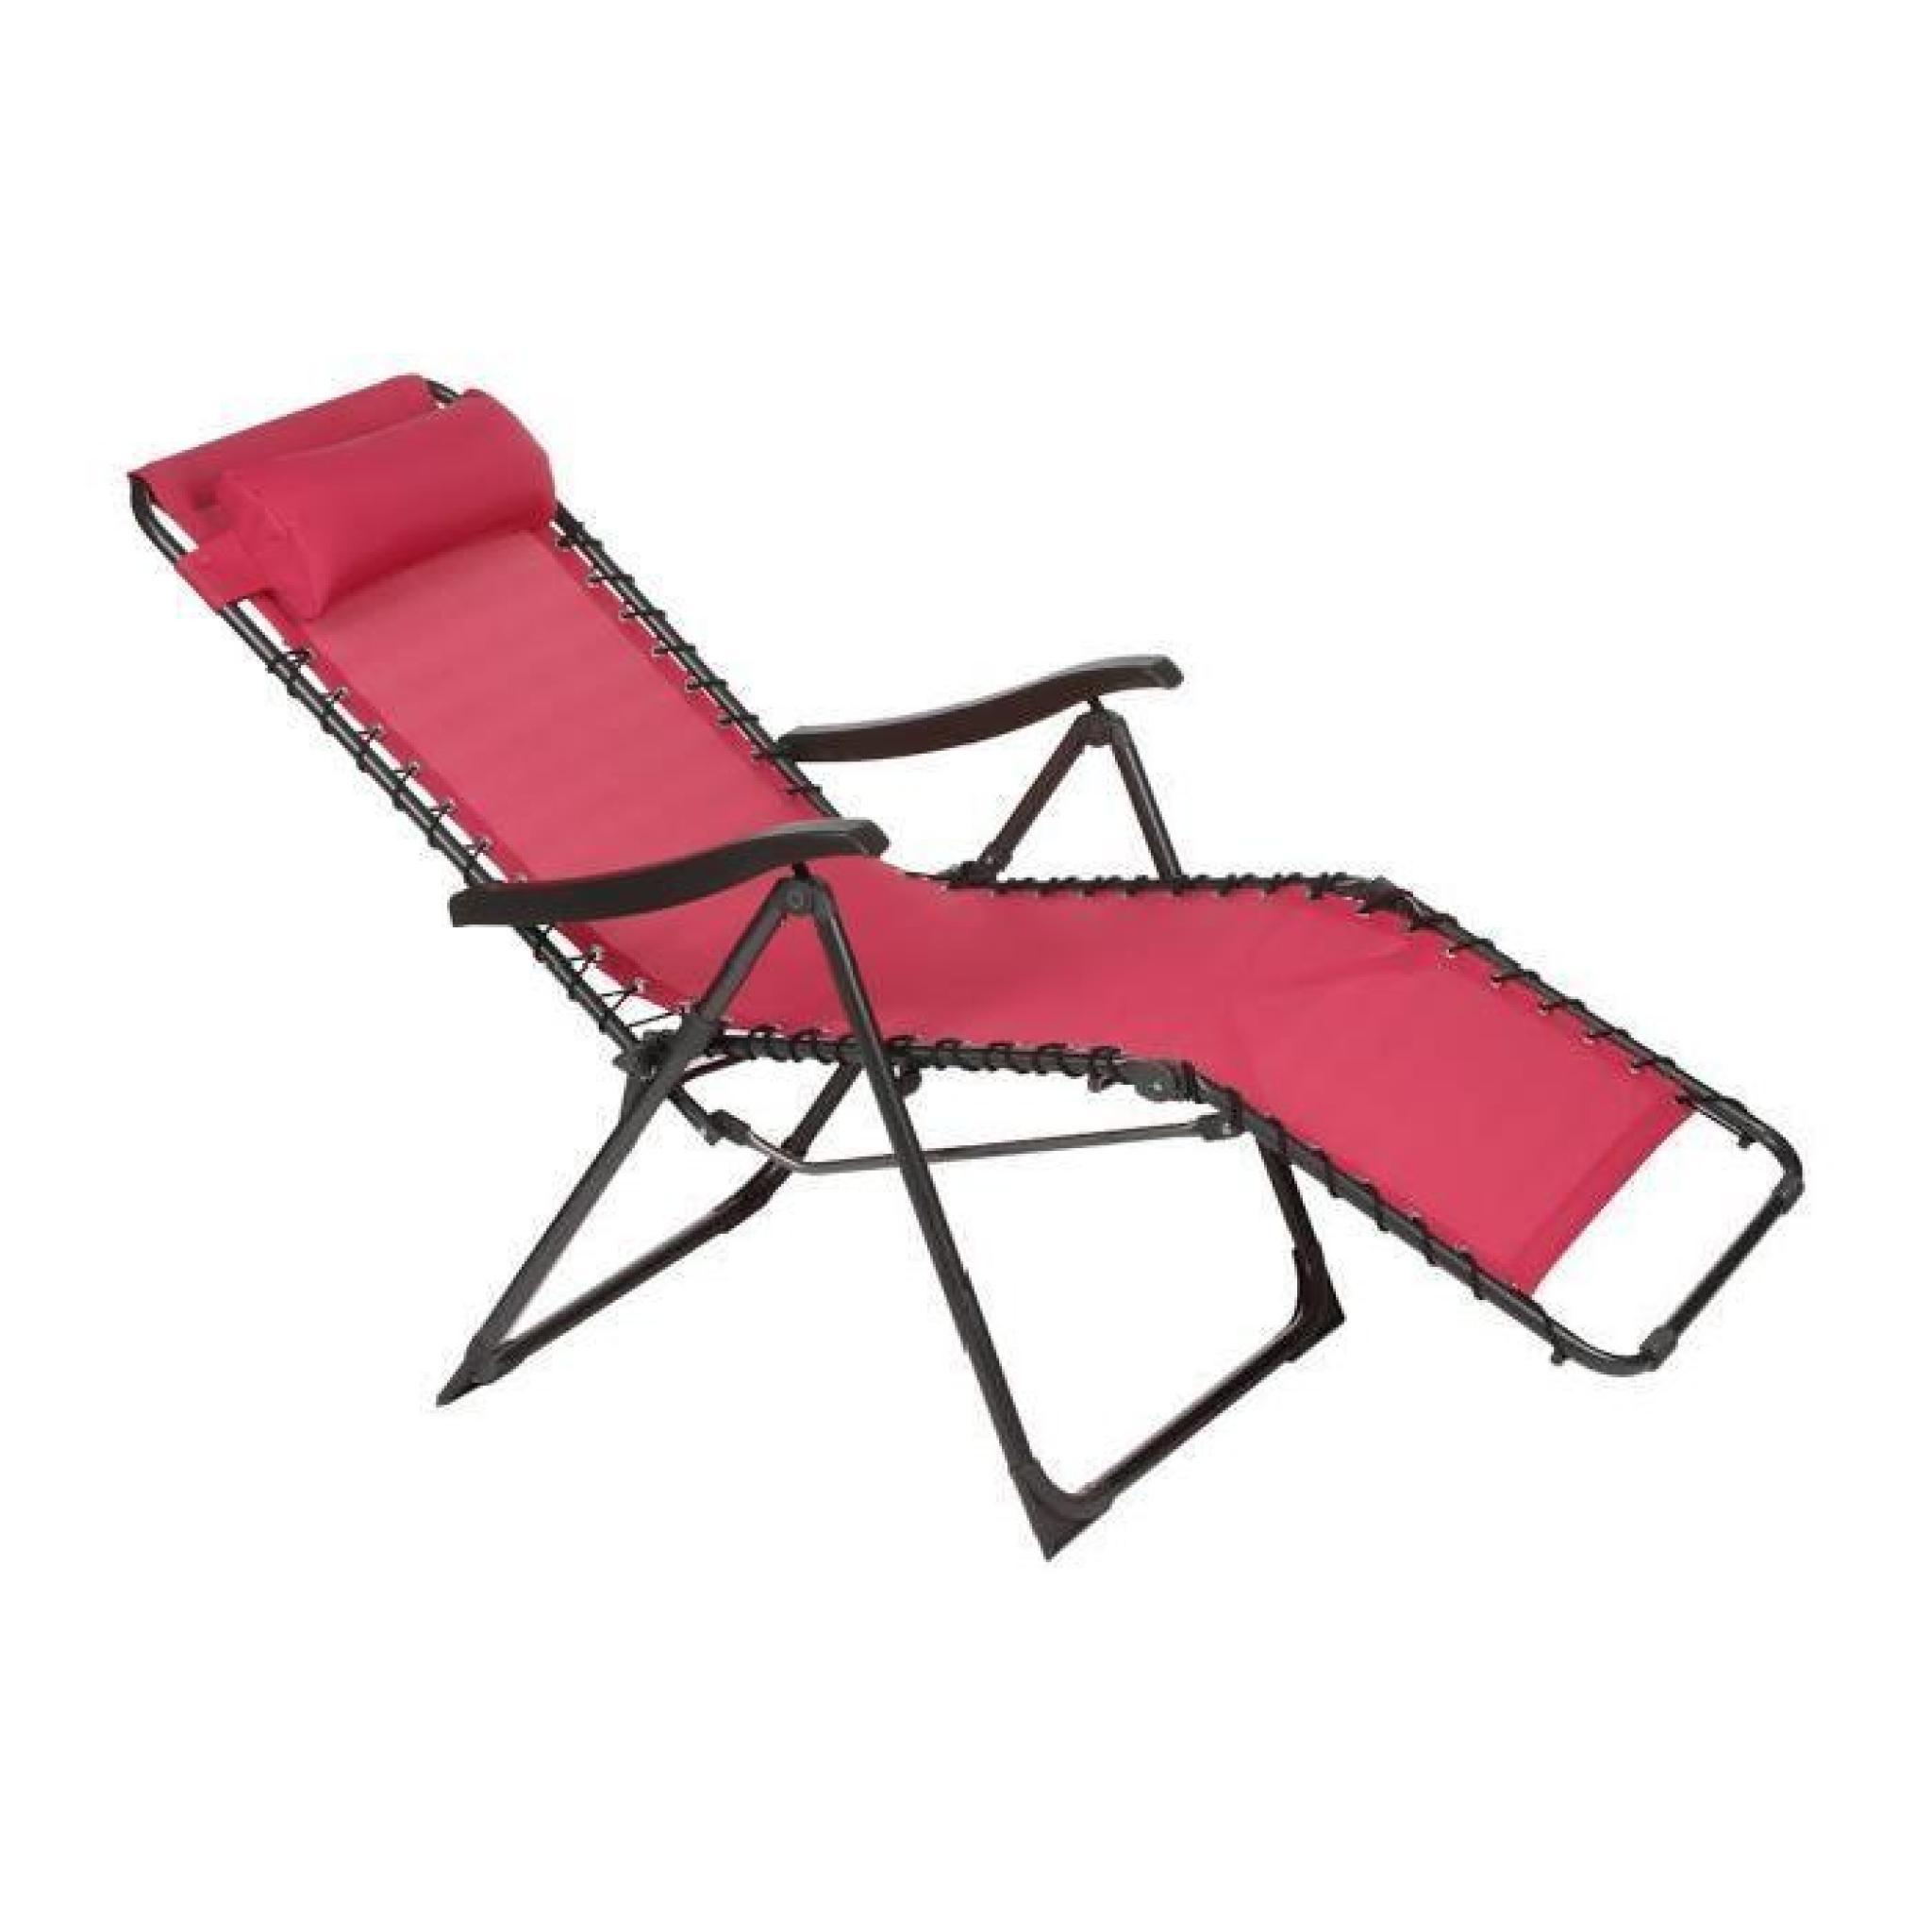 Chaise longue framboise en acier et texaline dim 93 x Chaises longues de jardin pas cher